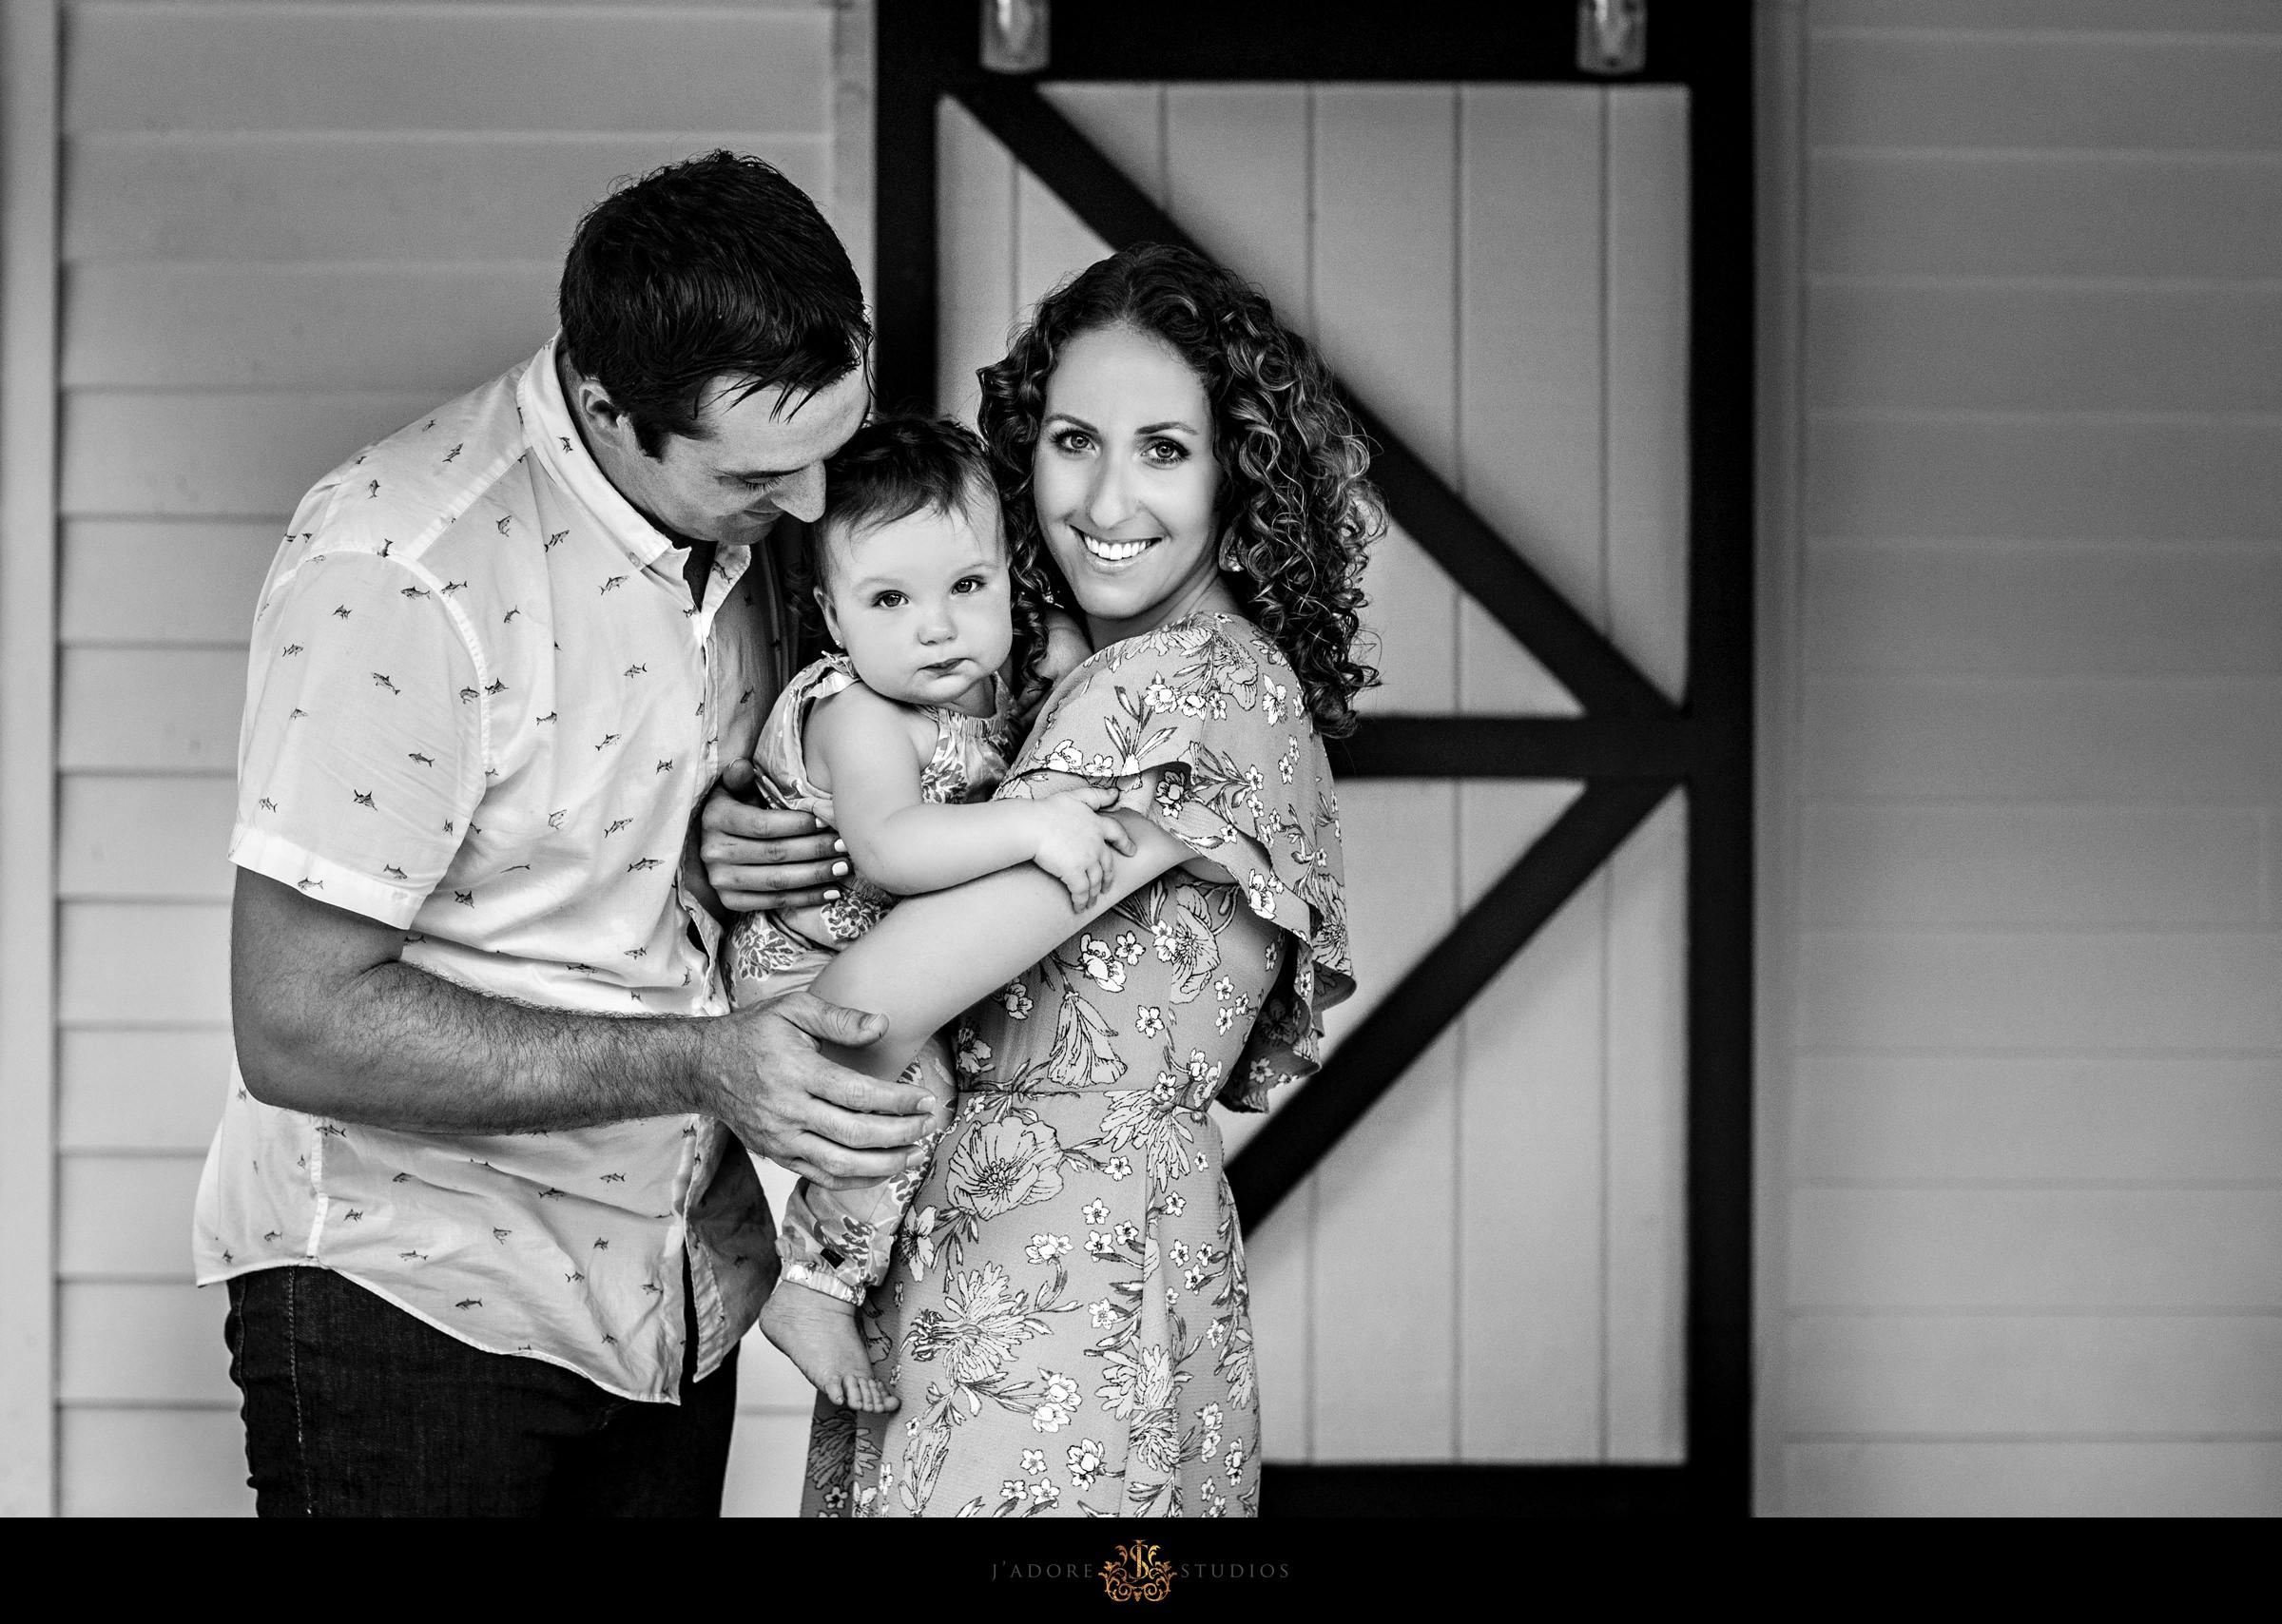 Family hugging in front of barn door